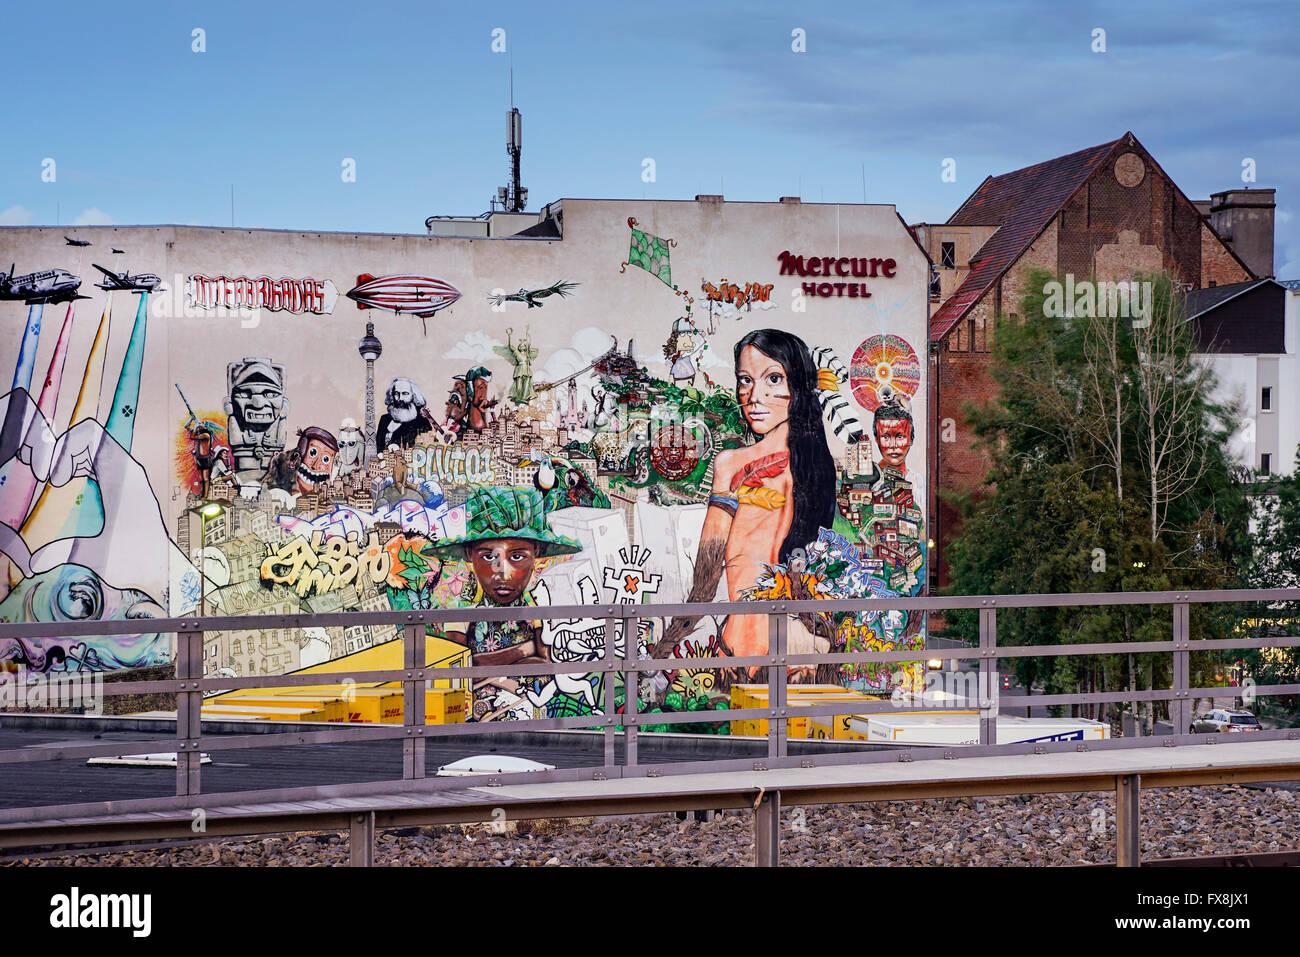 Le projet de graffiti streetart interbrigadas sur la paroi arrière de l'hôtel Mercure à BERLIN Banque D'Images